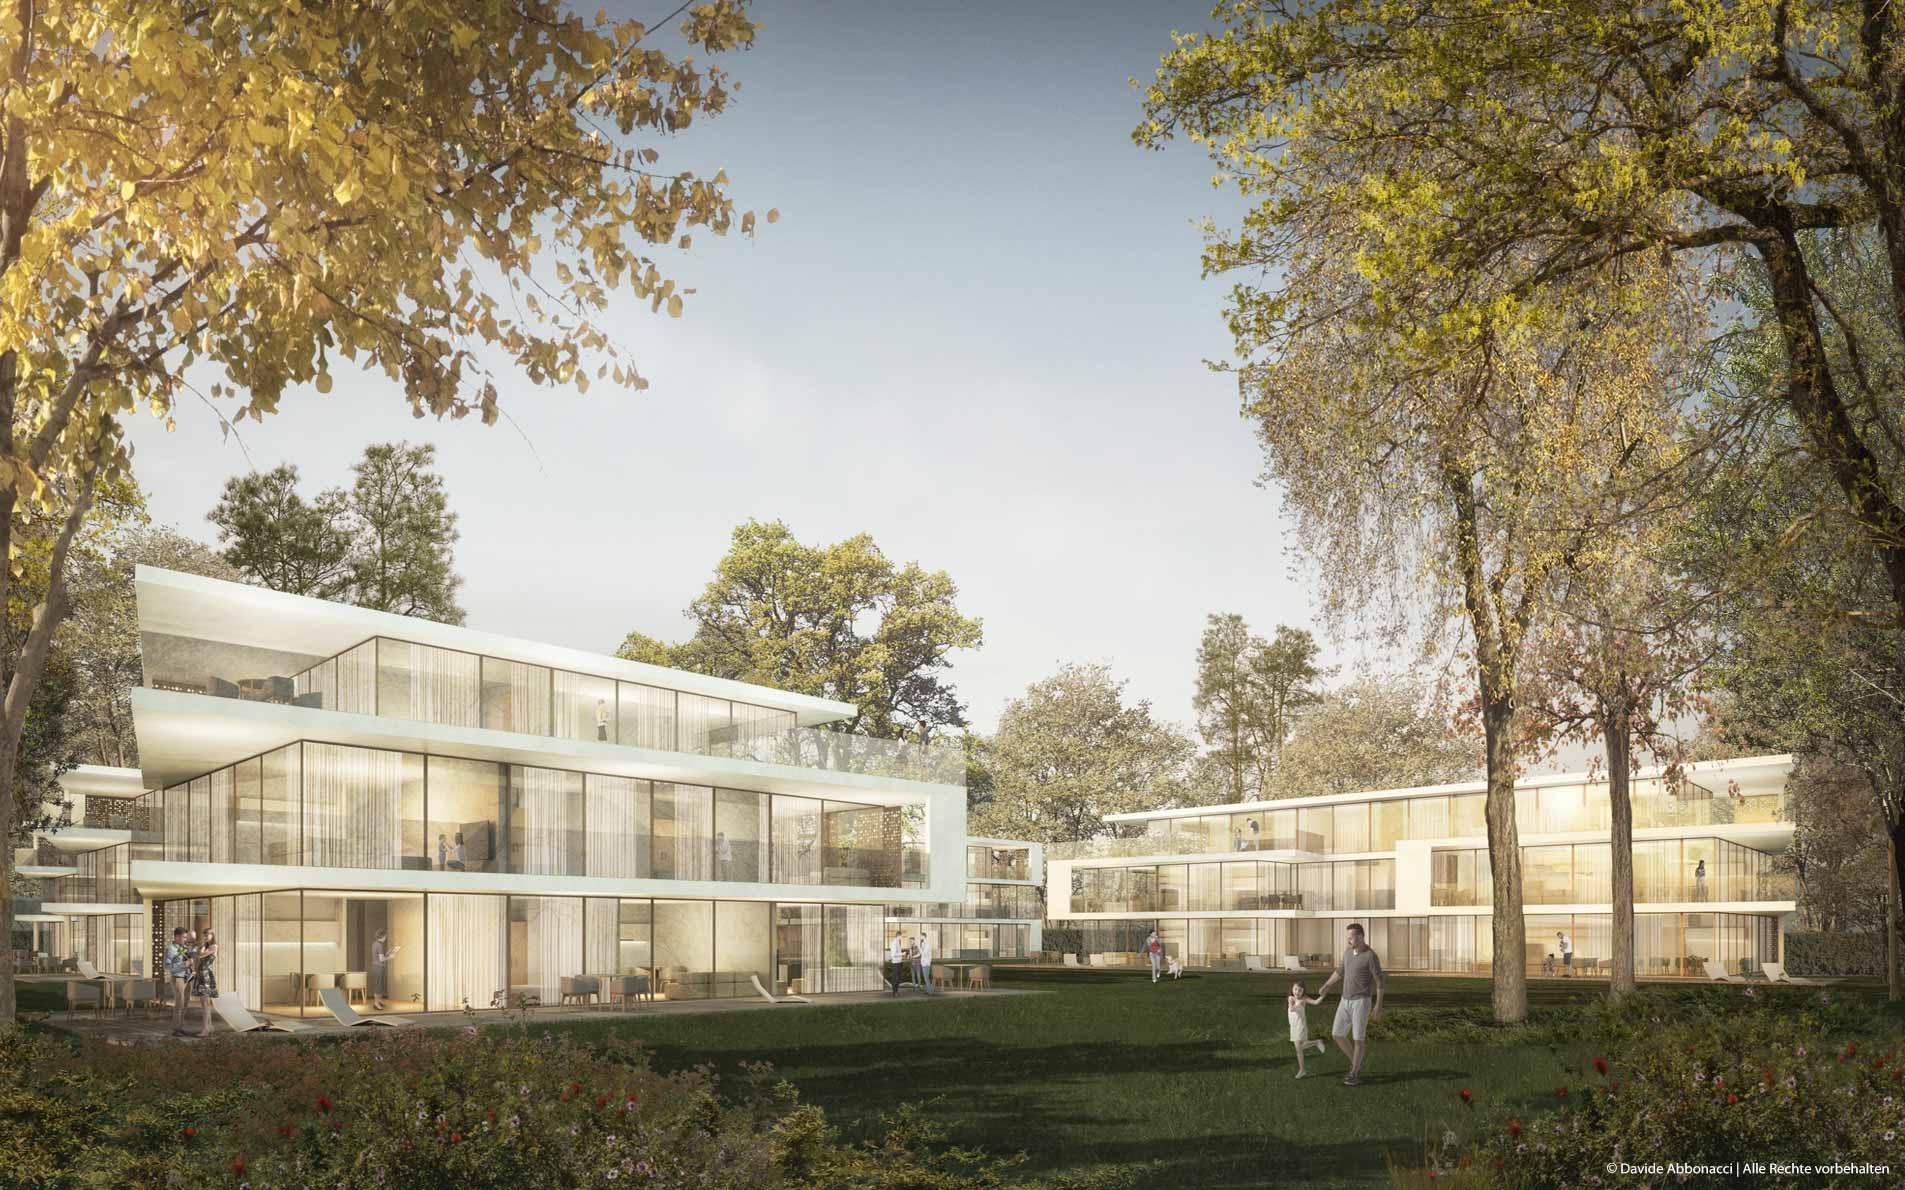 Wohnbebauung Tannhof, München-Harlaching | Gewers Pudewill Architekten | 2017 Wettbewerbsvisualisierung